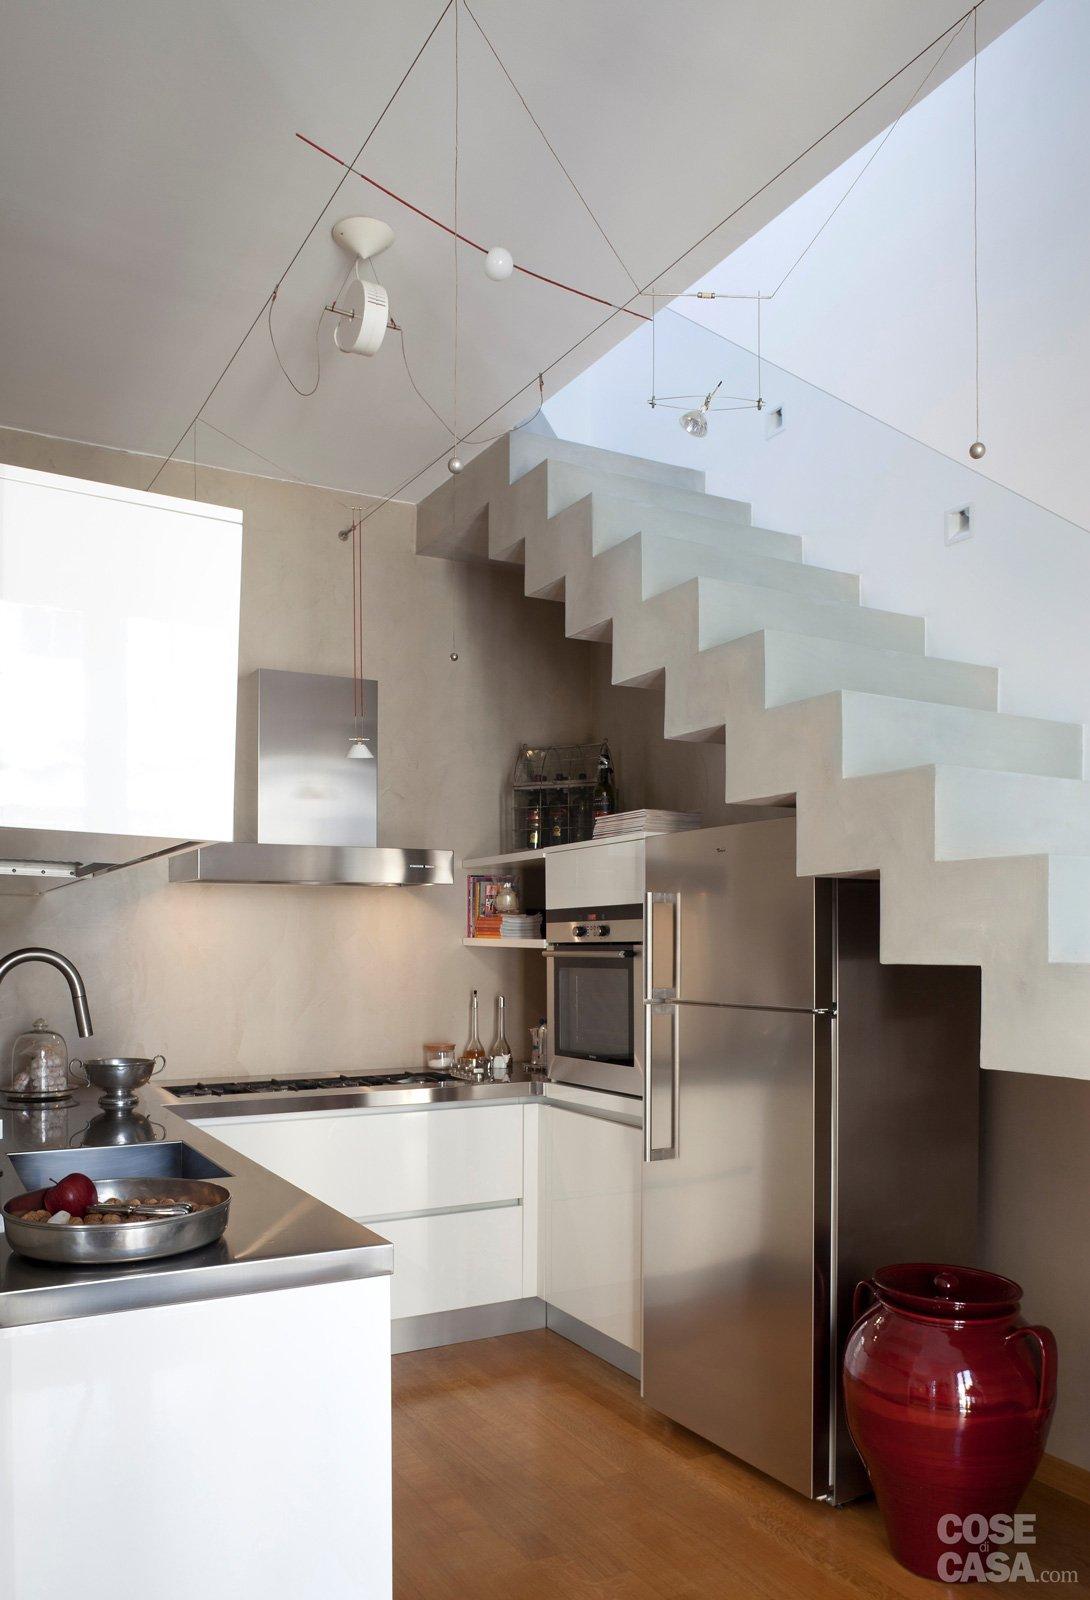 Una casa da copiare 10 idee tra spunti d 39 arredo e decor - Levigare il parquet senza togliere i mobili ...